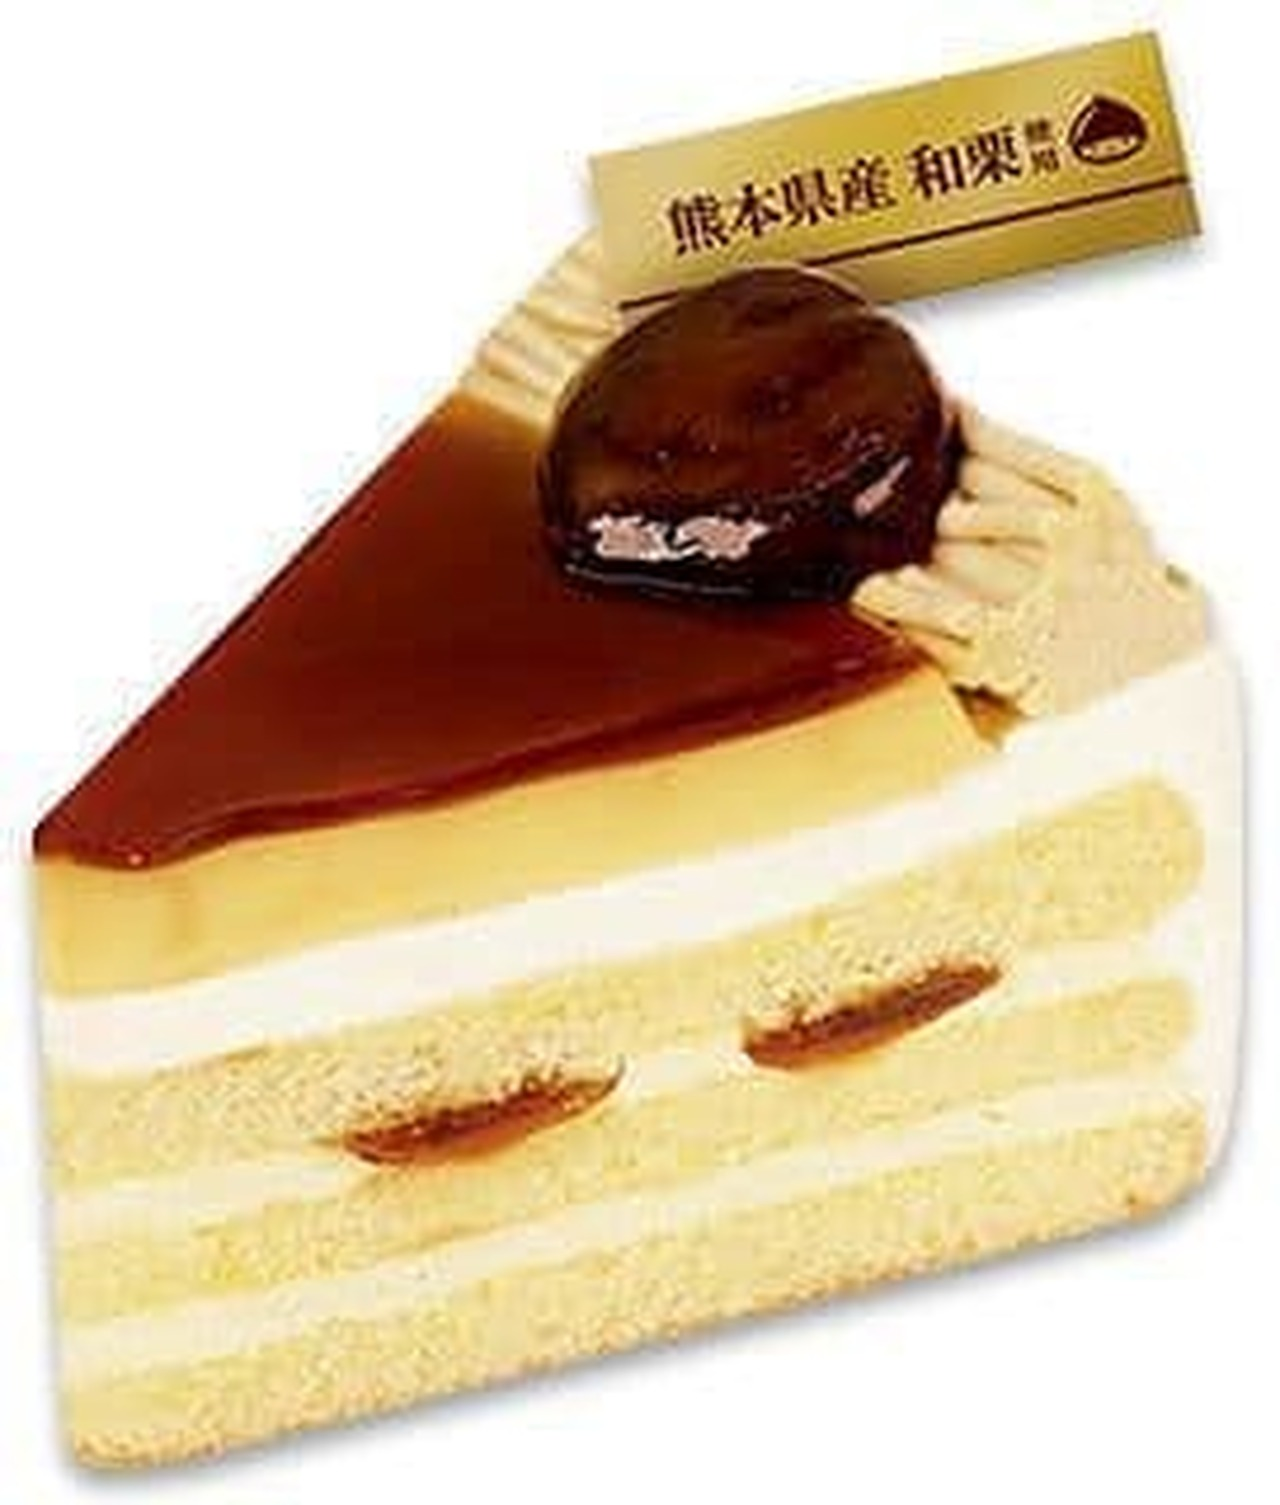 不二家洋菓子店「熊本県産和栗のプリンショート」